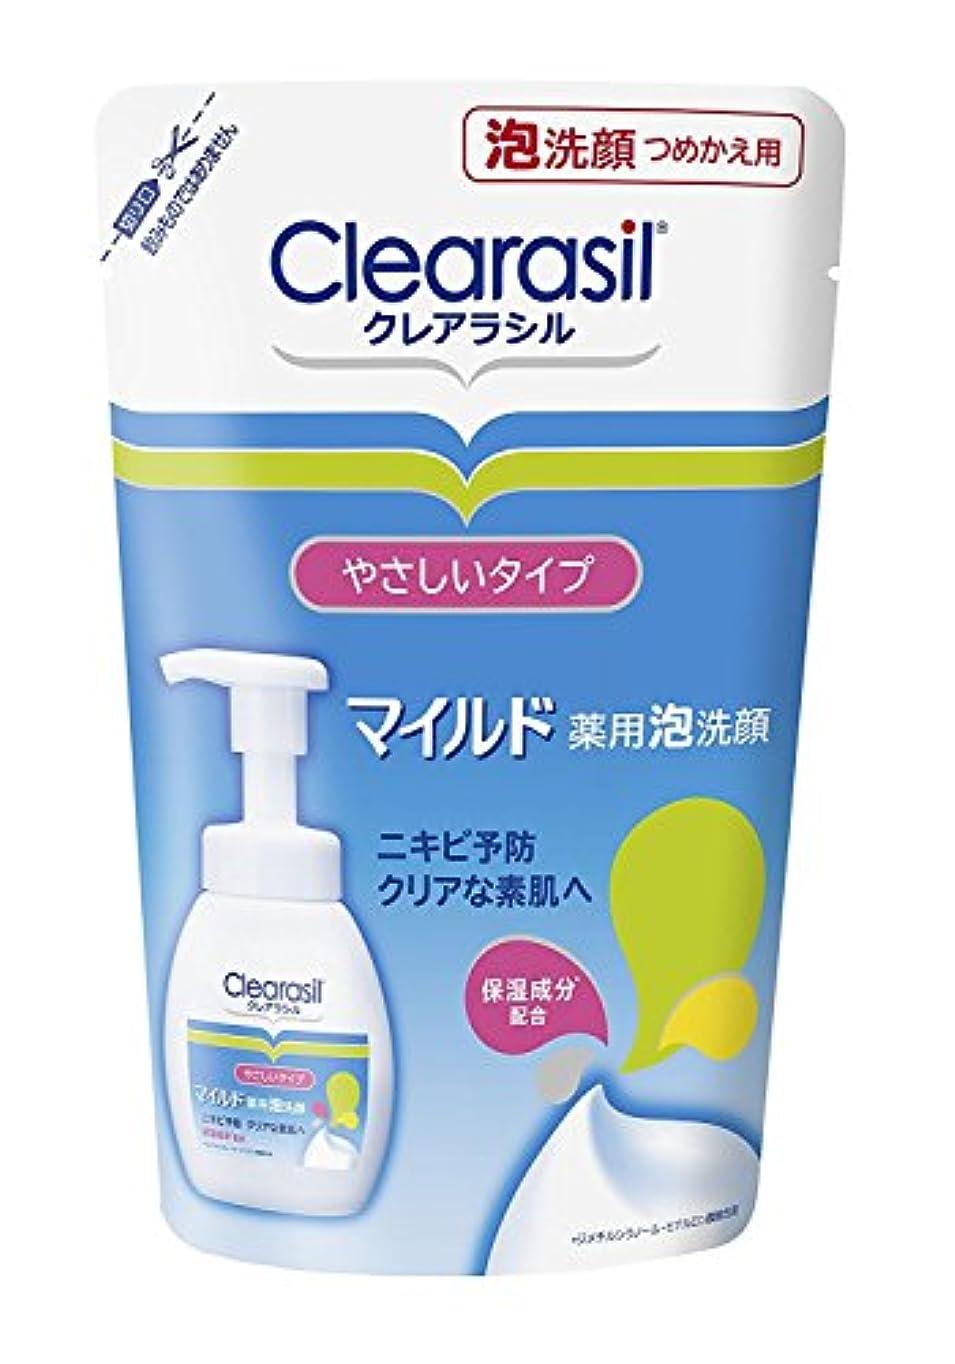 クレアラシル 薬用泡洗顔フォーム つめかえ用 180ml ×2セット